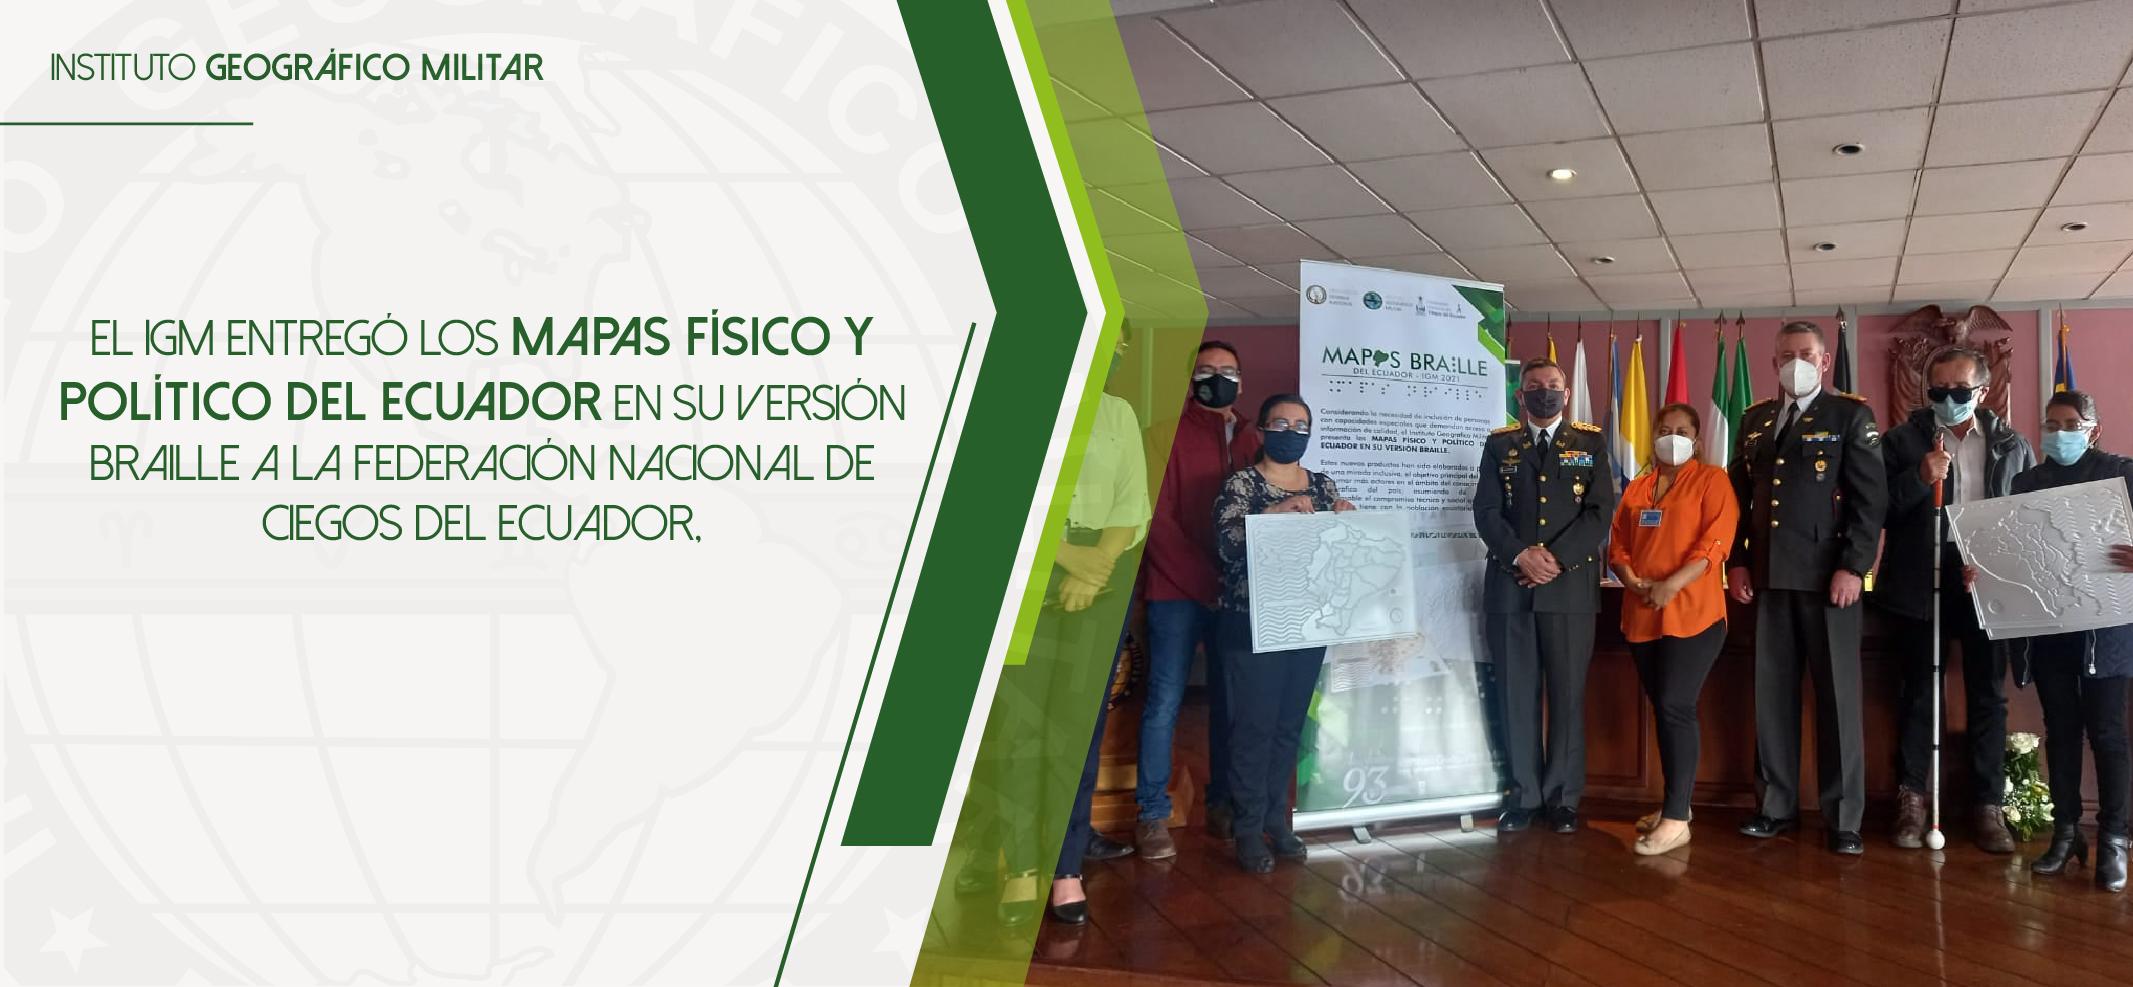 Entrega de mapas en versión braille a la Federación Nacional de Ciegos del Ecuador